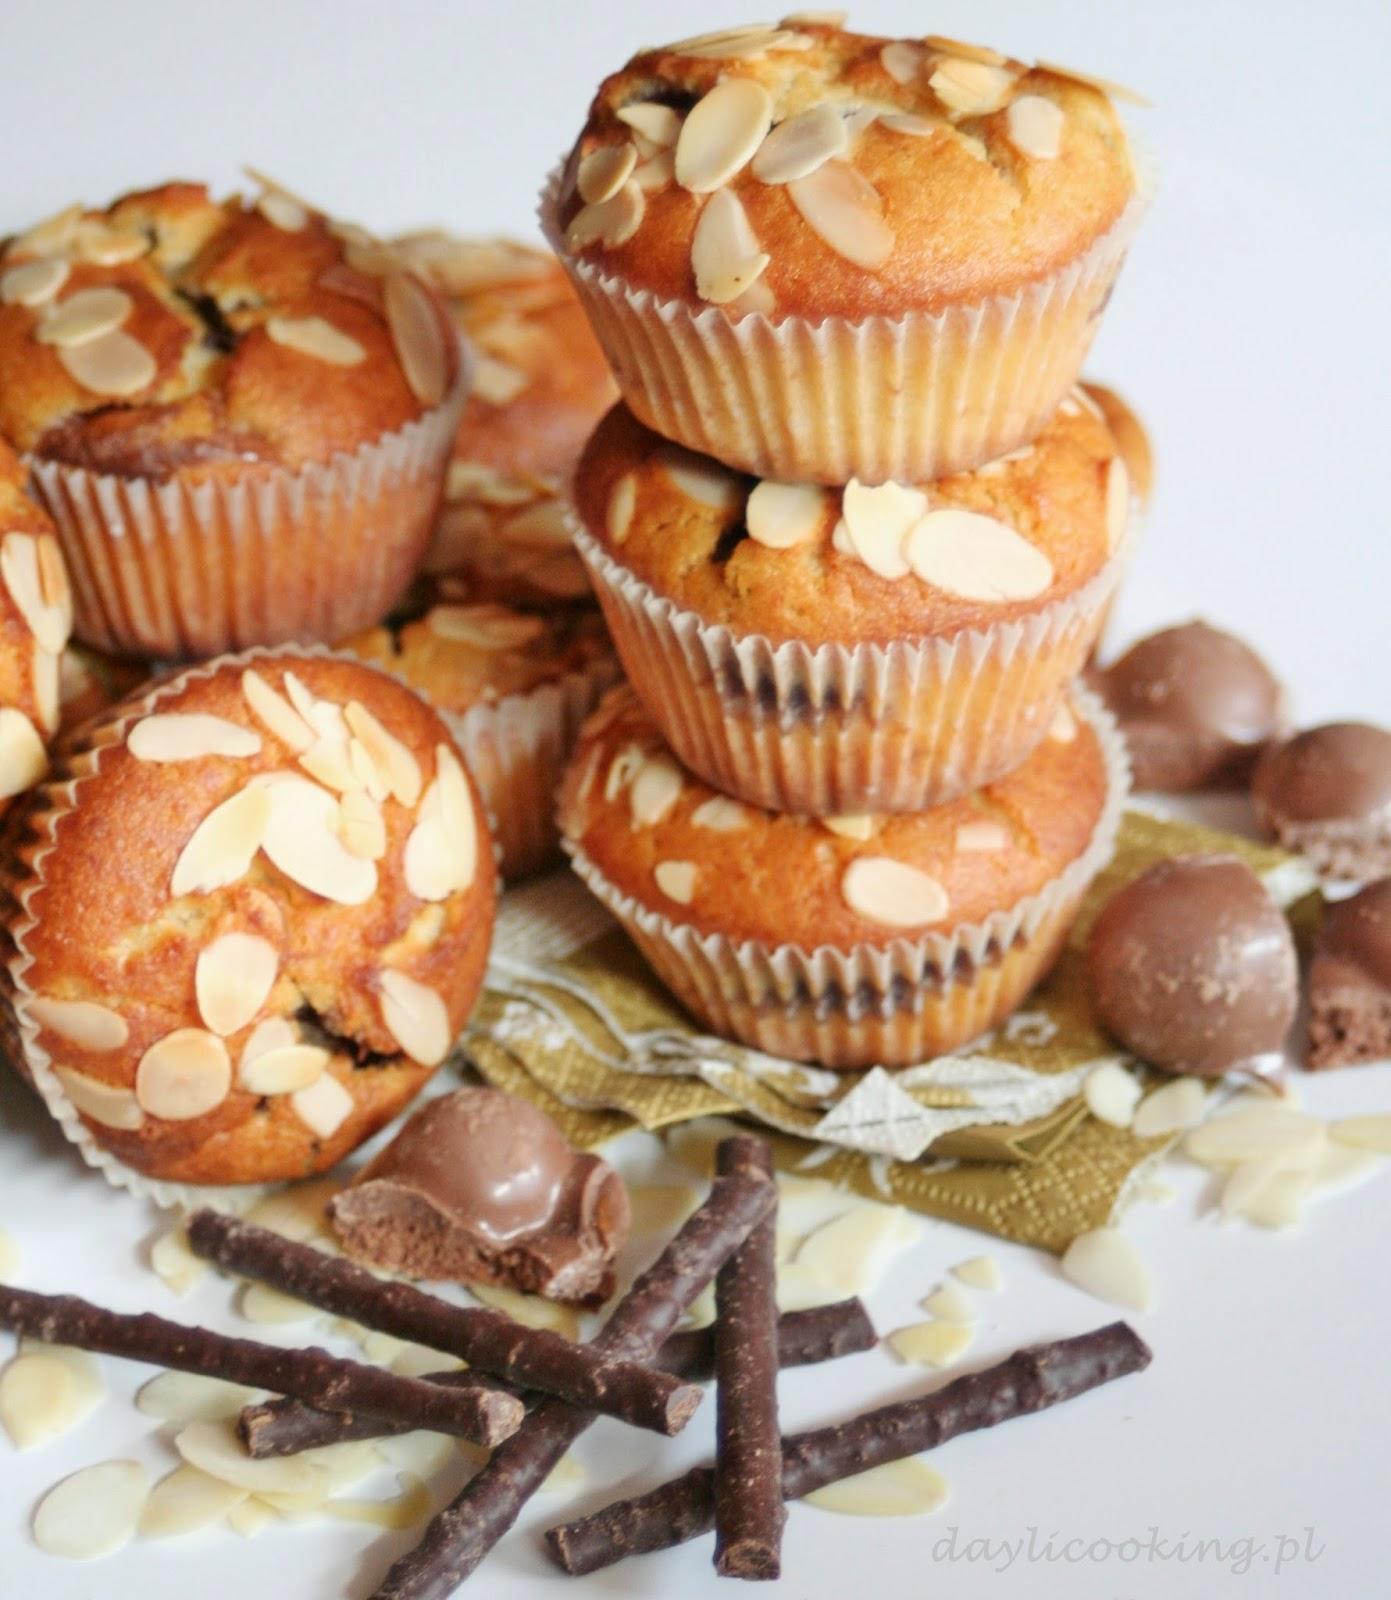 Babeczki z czekoladą i płatkami migdałowymi